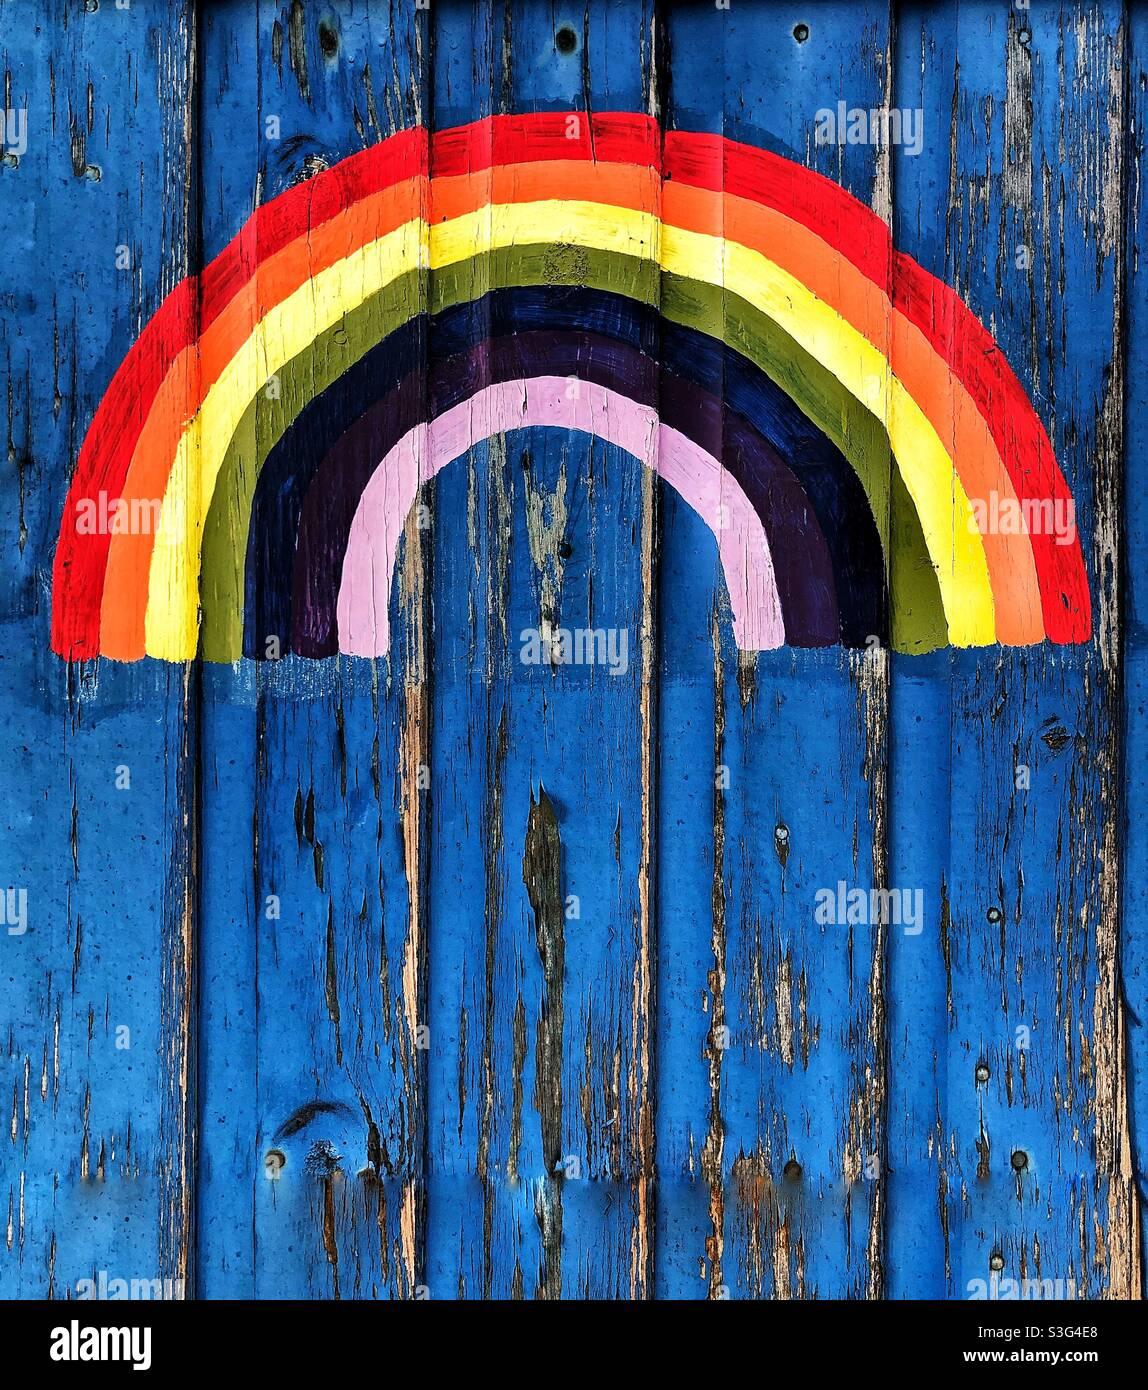 Un arcobaleno colorato dipinto su porte in legno testurizzato dai bambini che dicono grazie al Regno Unito NHS Foto Stock